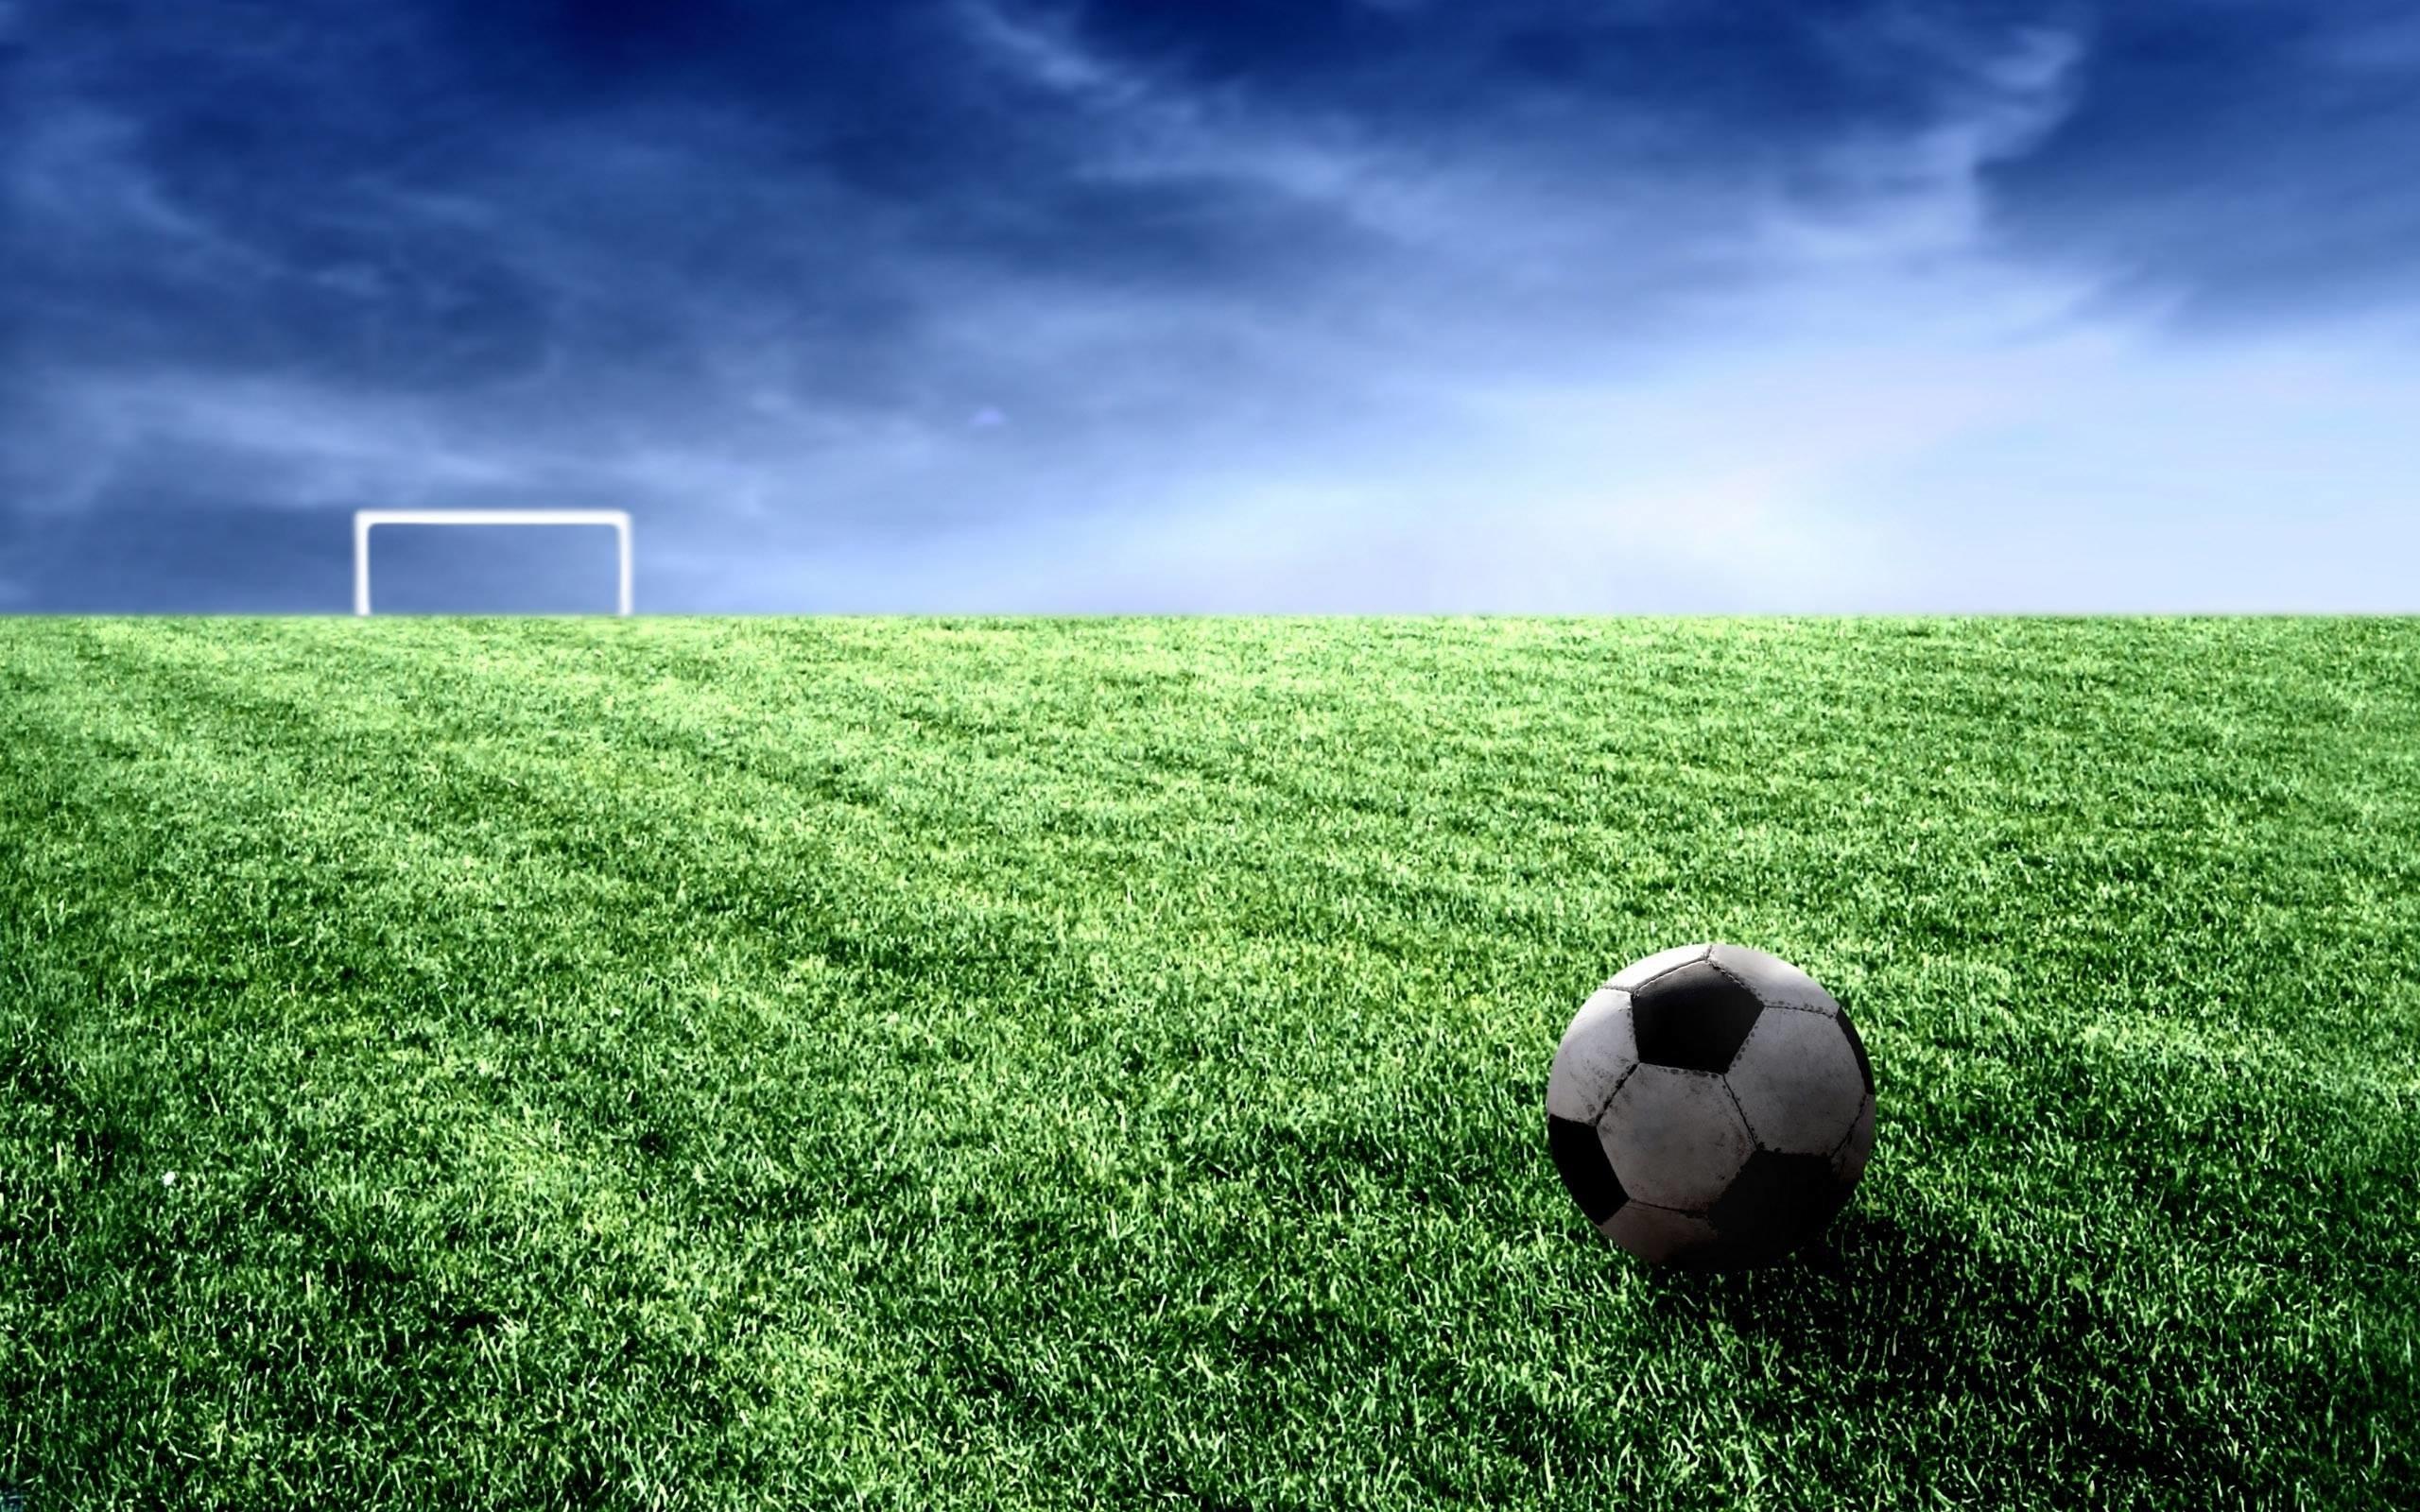 2560x1600 Cool Soccer Ball And Field Widescreen 2 HD Wallpaperscom